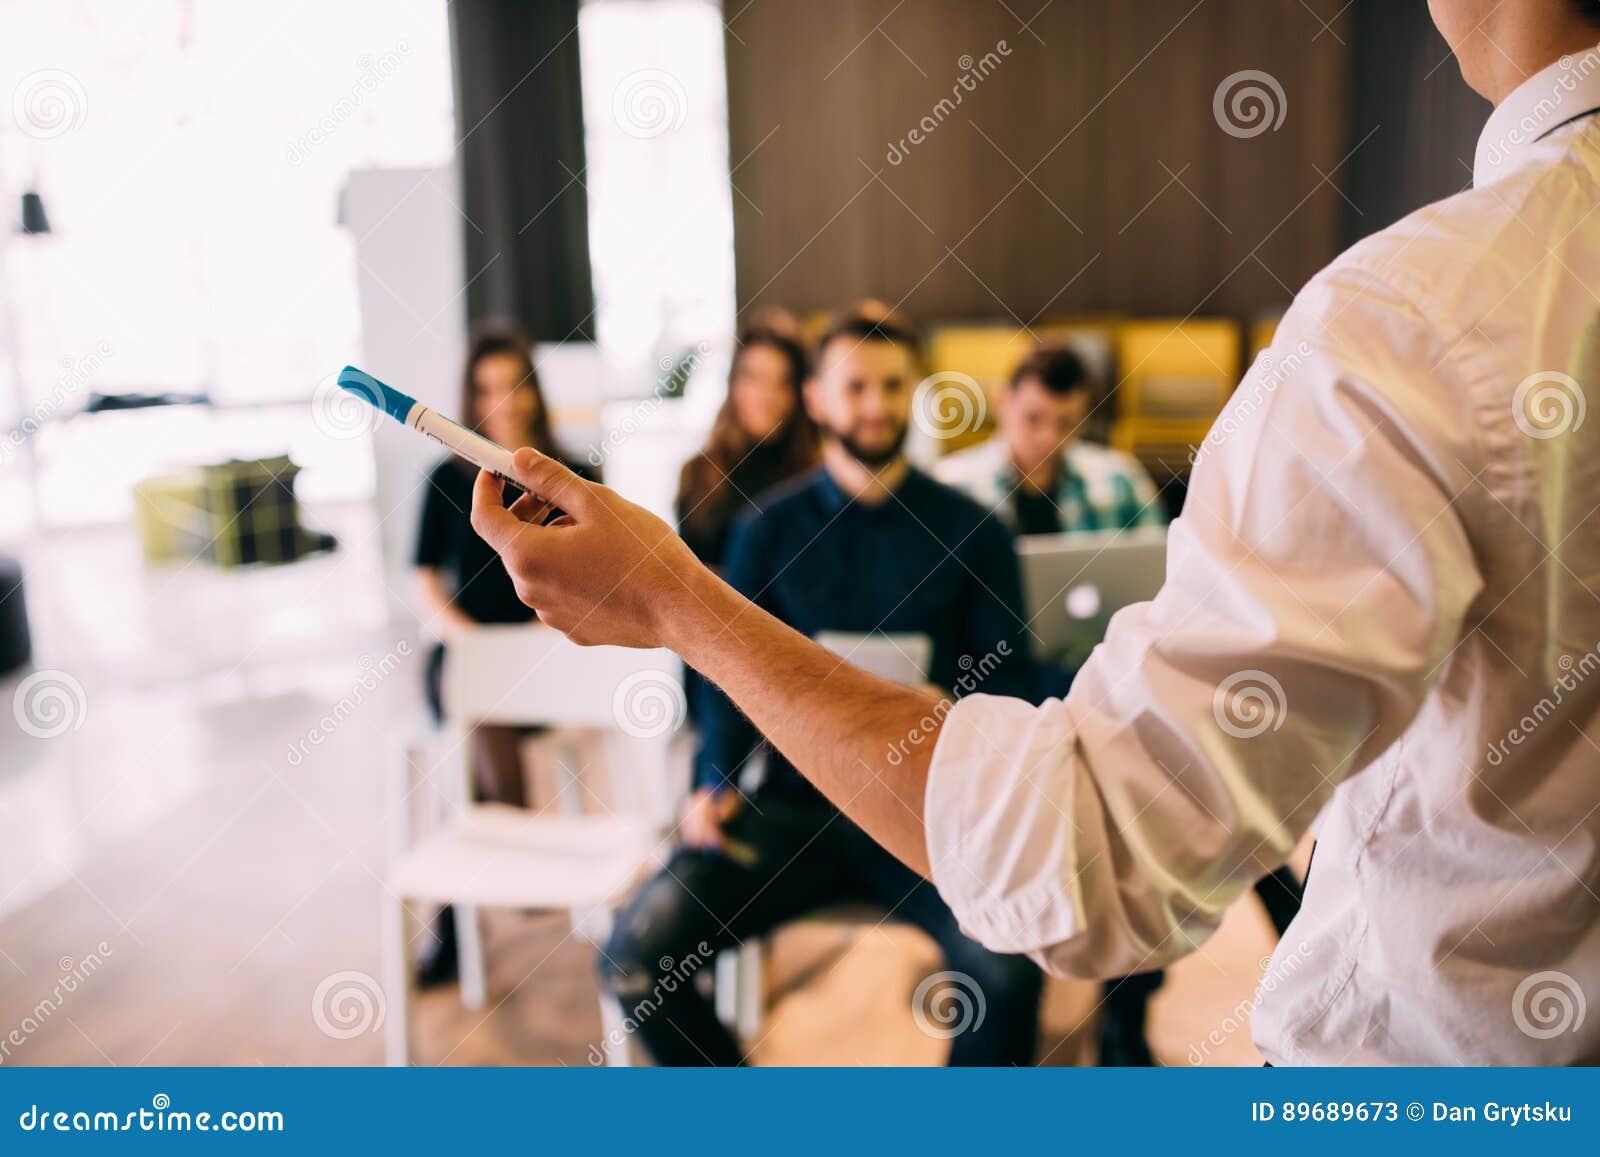 Lezing en opleiding in bedrijfsbureau voor administratieve collega s Nadruk op handen van spreker